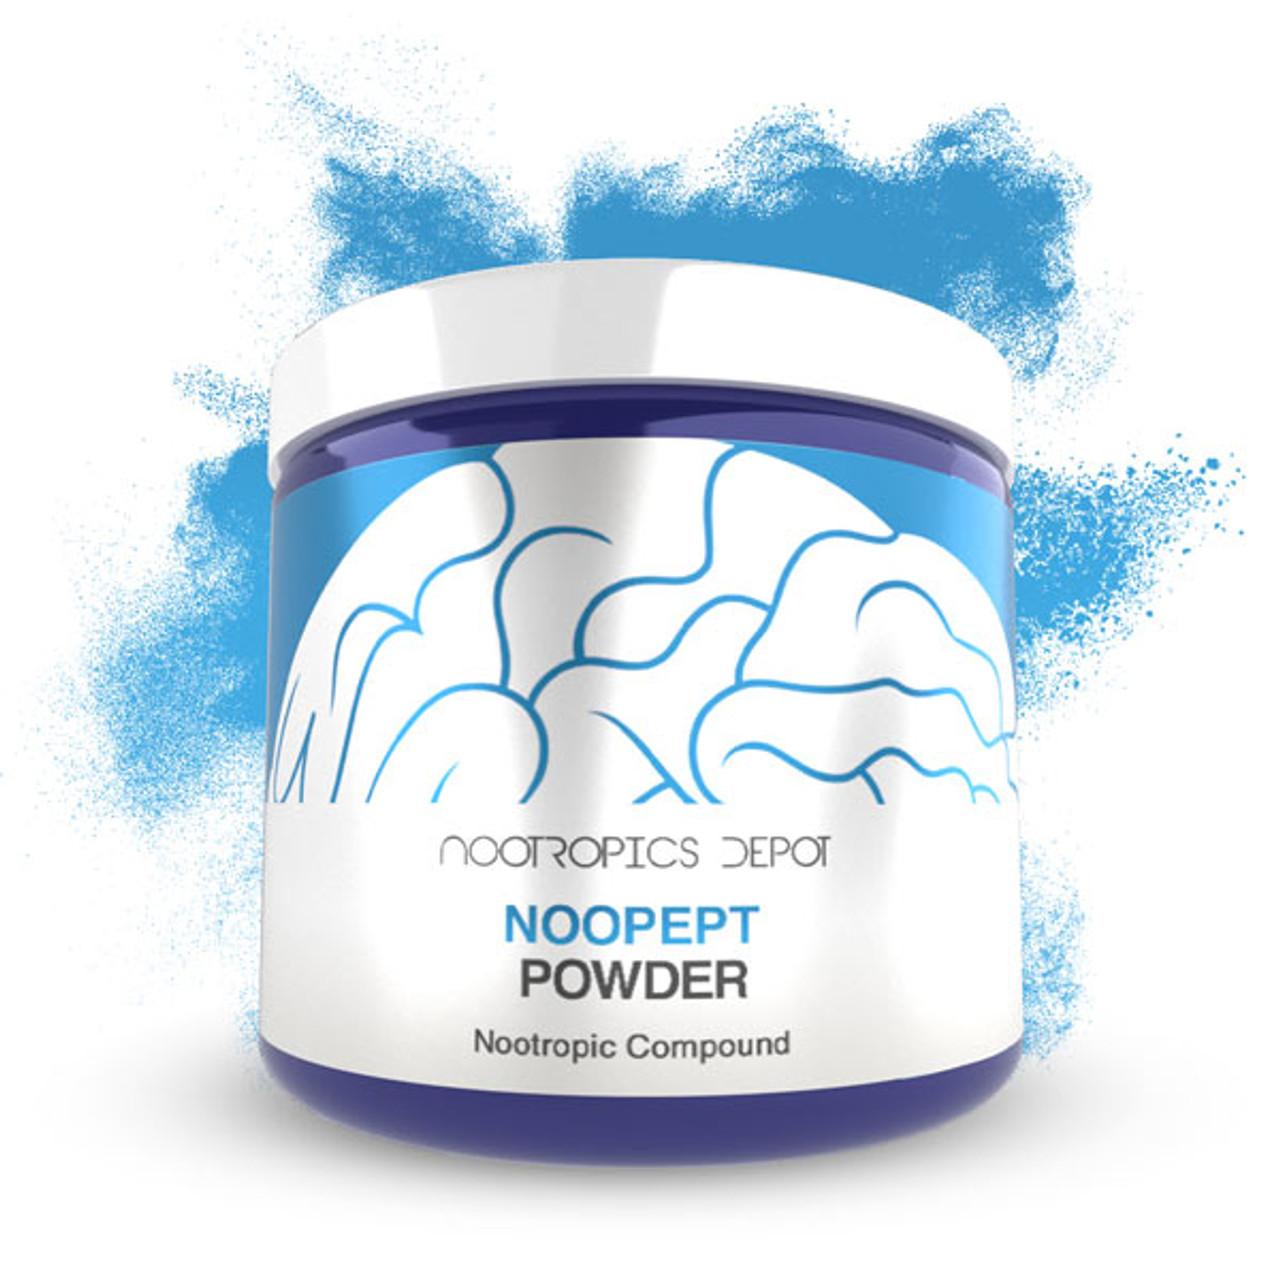 Noopept Powder